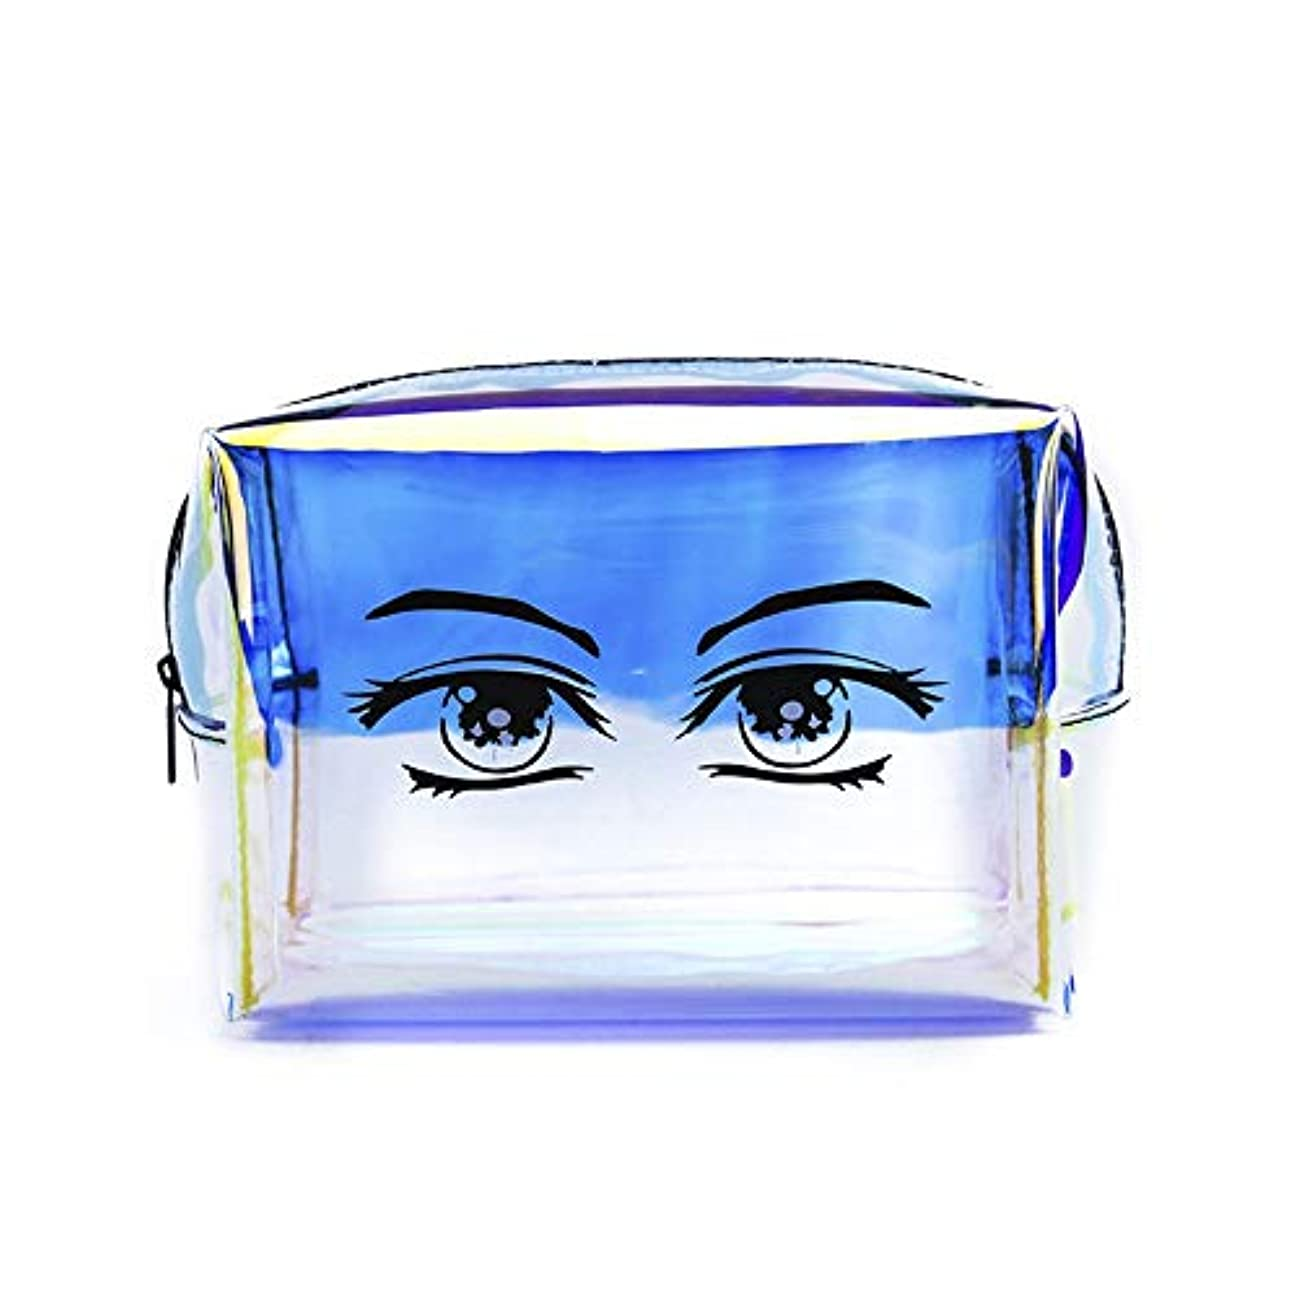 大量習字小説家化粧オーガナイザーバッグ 化粧品の化粧ブラシのためのレーザーの携帯用ジッパーの収納袋専門旅行構造袋旅行付属品の大容量の防水洗浄袋 化粧品ケース (色 : Laser, サイズ : 18x9.5x12cm)